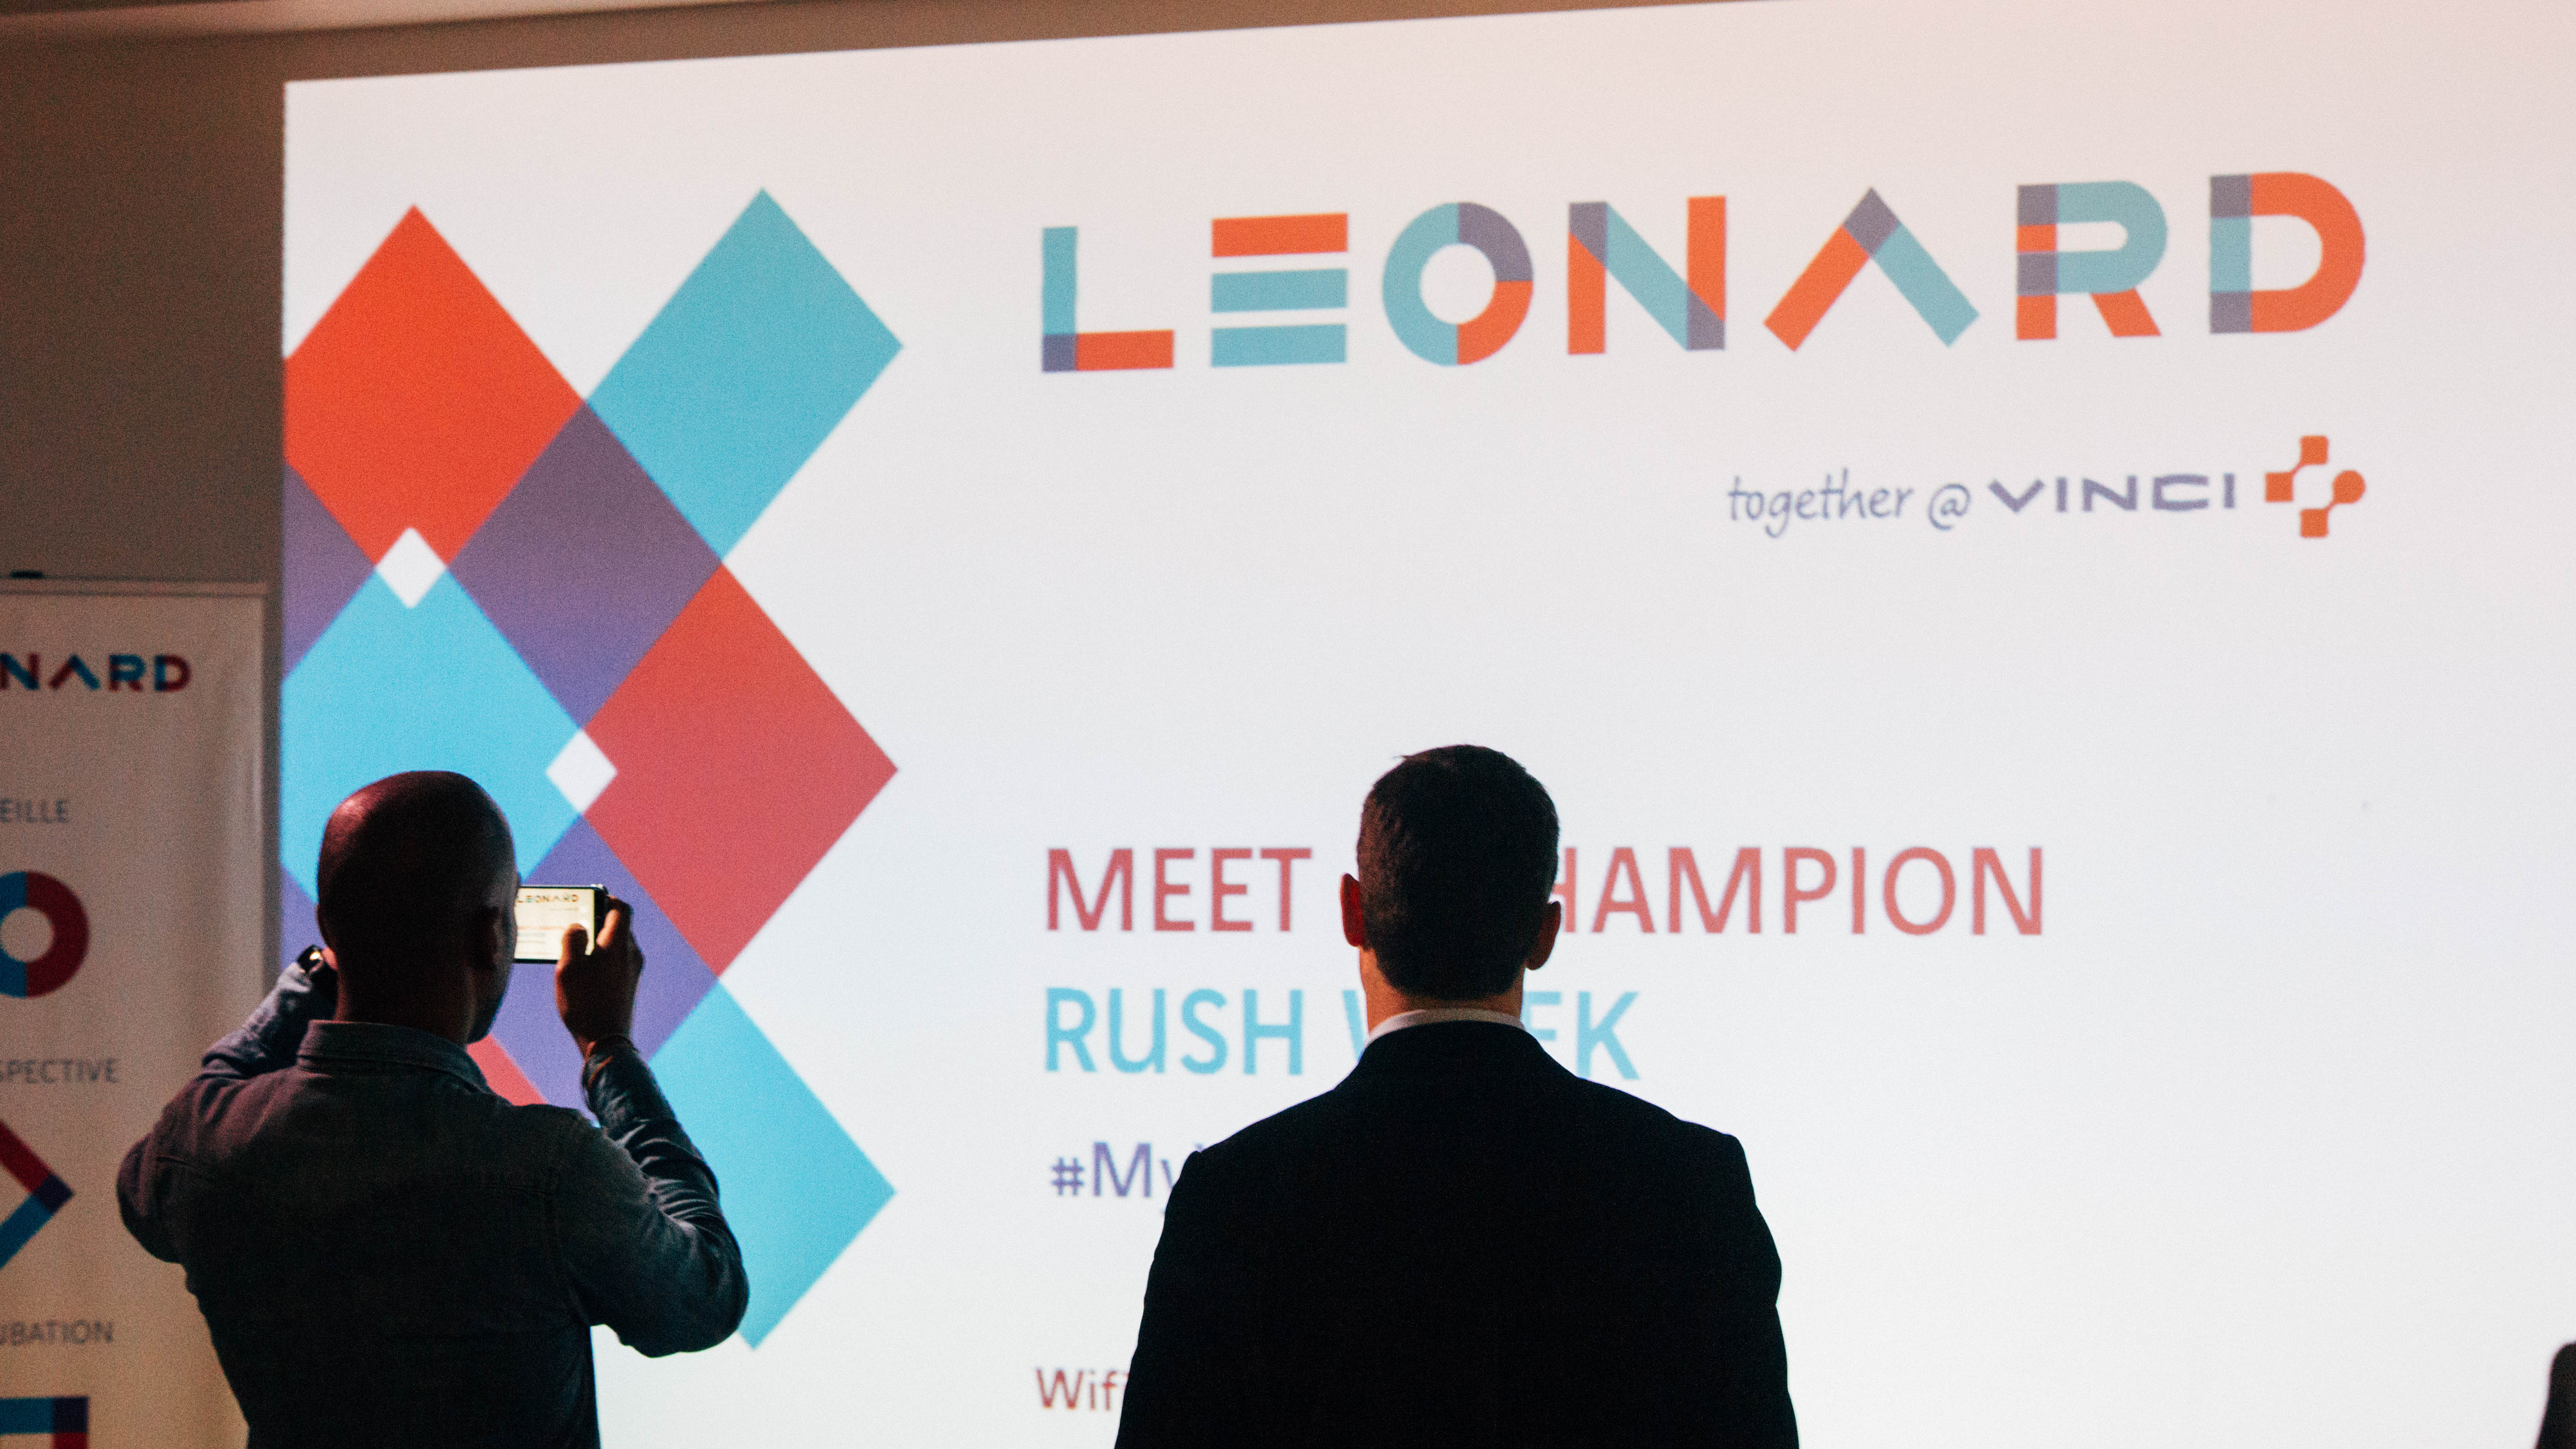 Parcours intrapreneurs Leonard - soirée Meet a champion